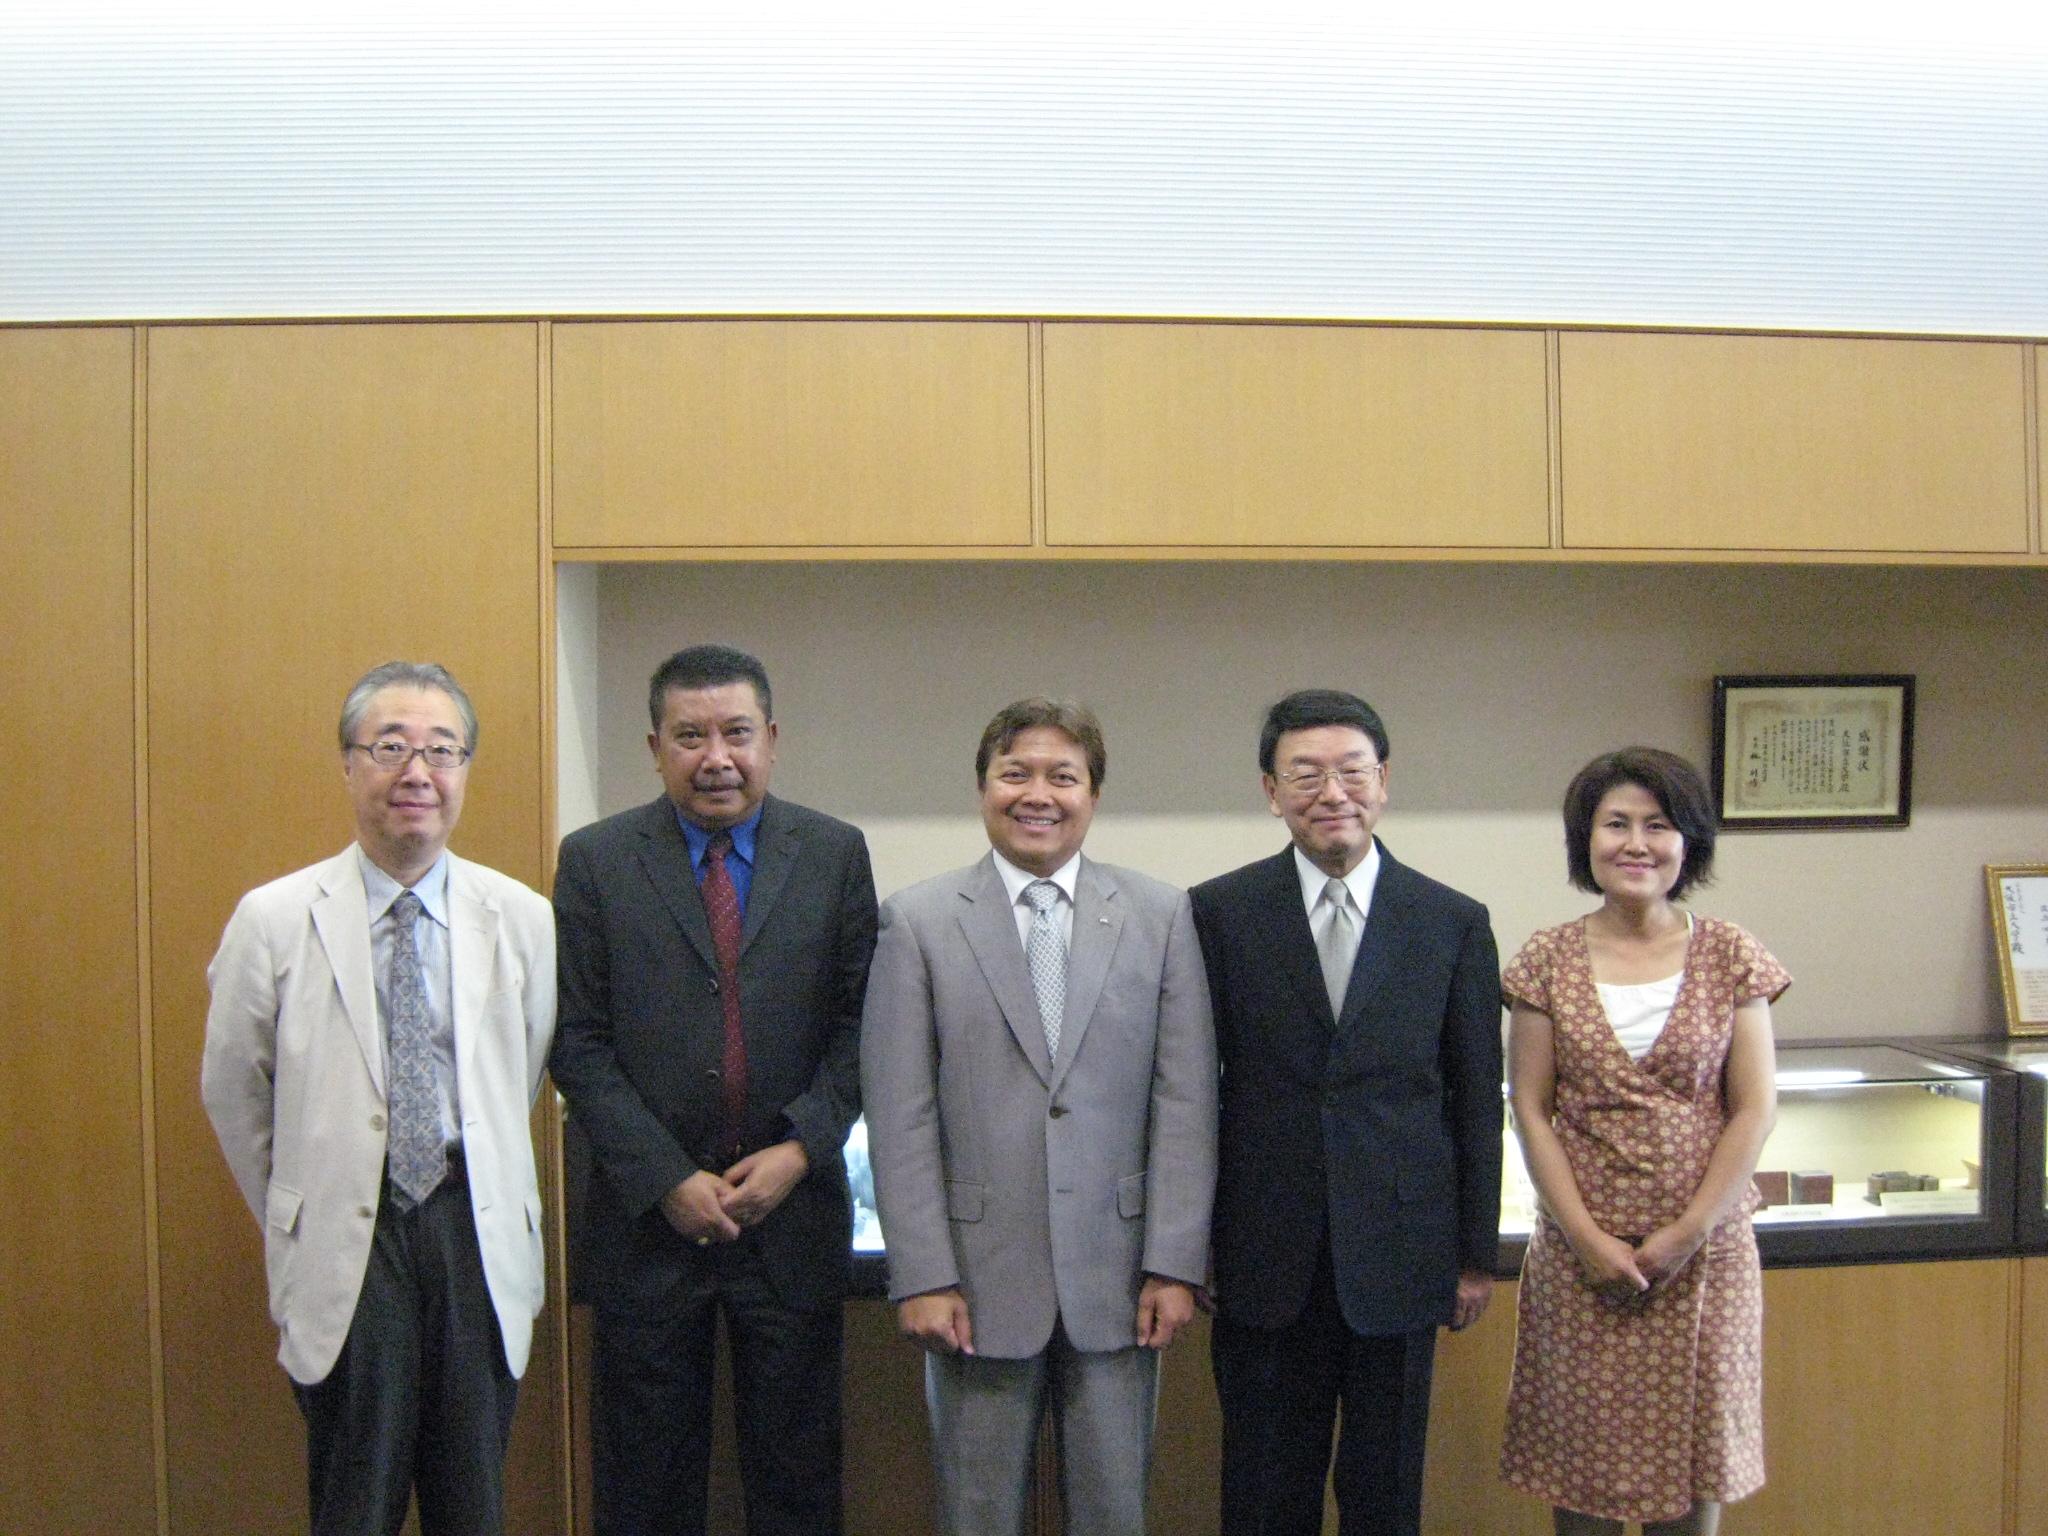 写真左より中川国際センター所長、バンバン・スギアント社会文化教育担当領事、イブヌ・ハディ総領事、西澤学長、スサ ナ・ラハルジョ経済部経済担当職員(通訳)